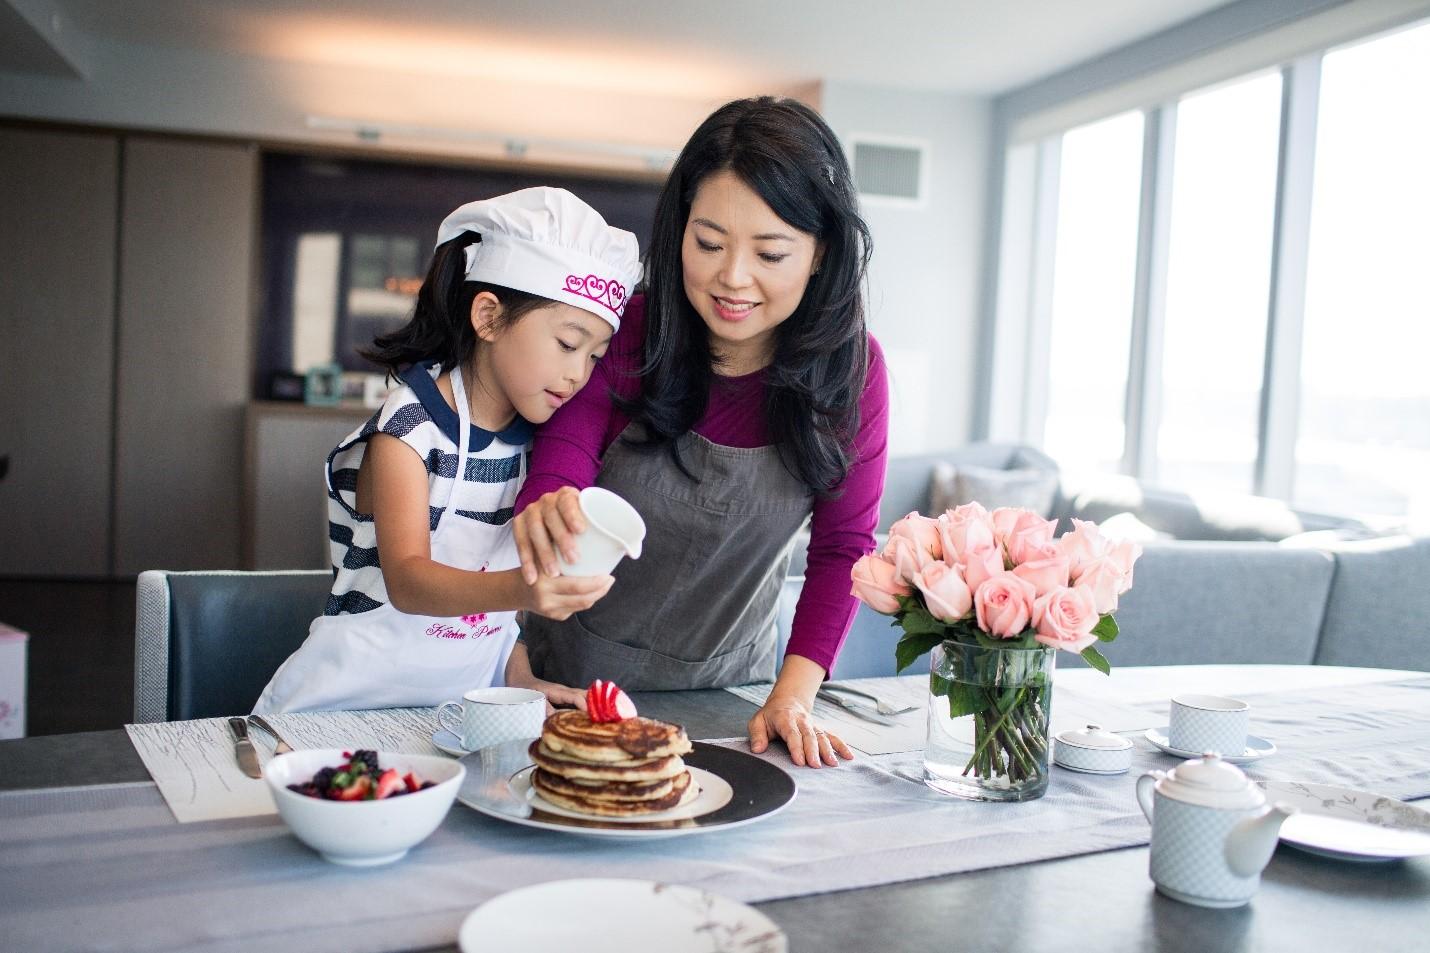 Teaching Math Through Cooking step 6